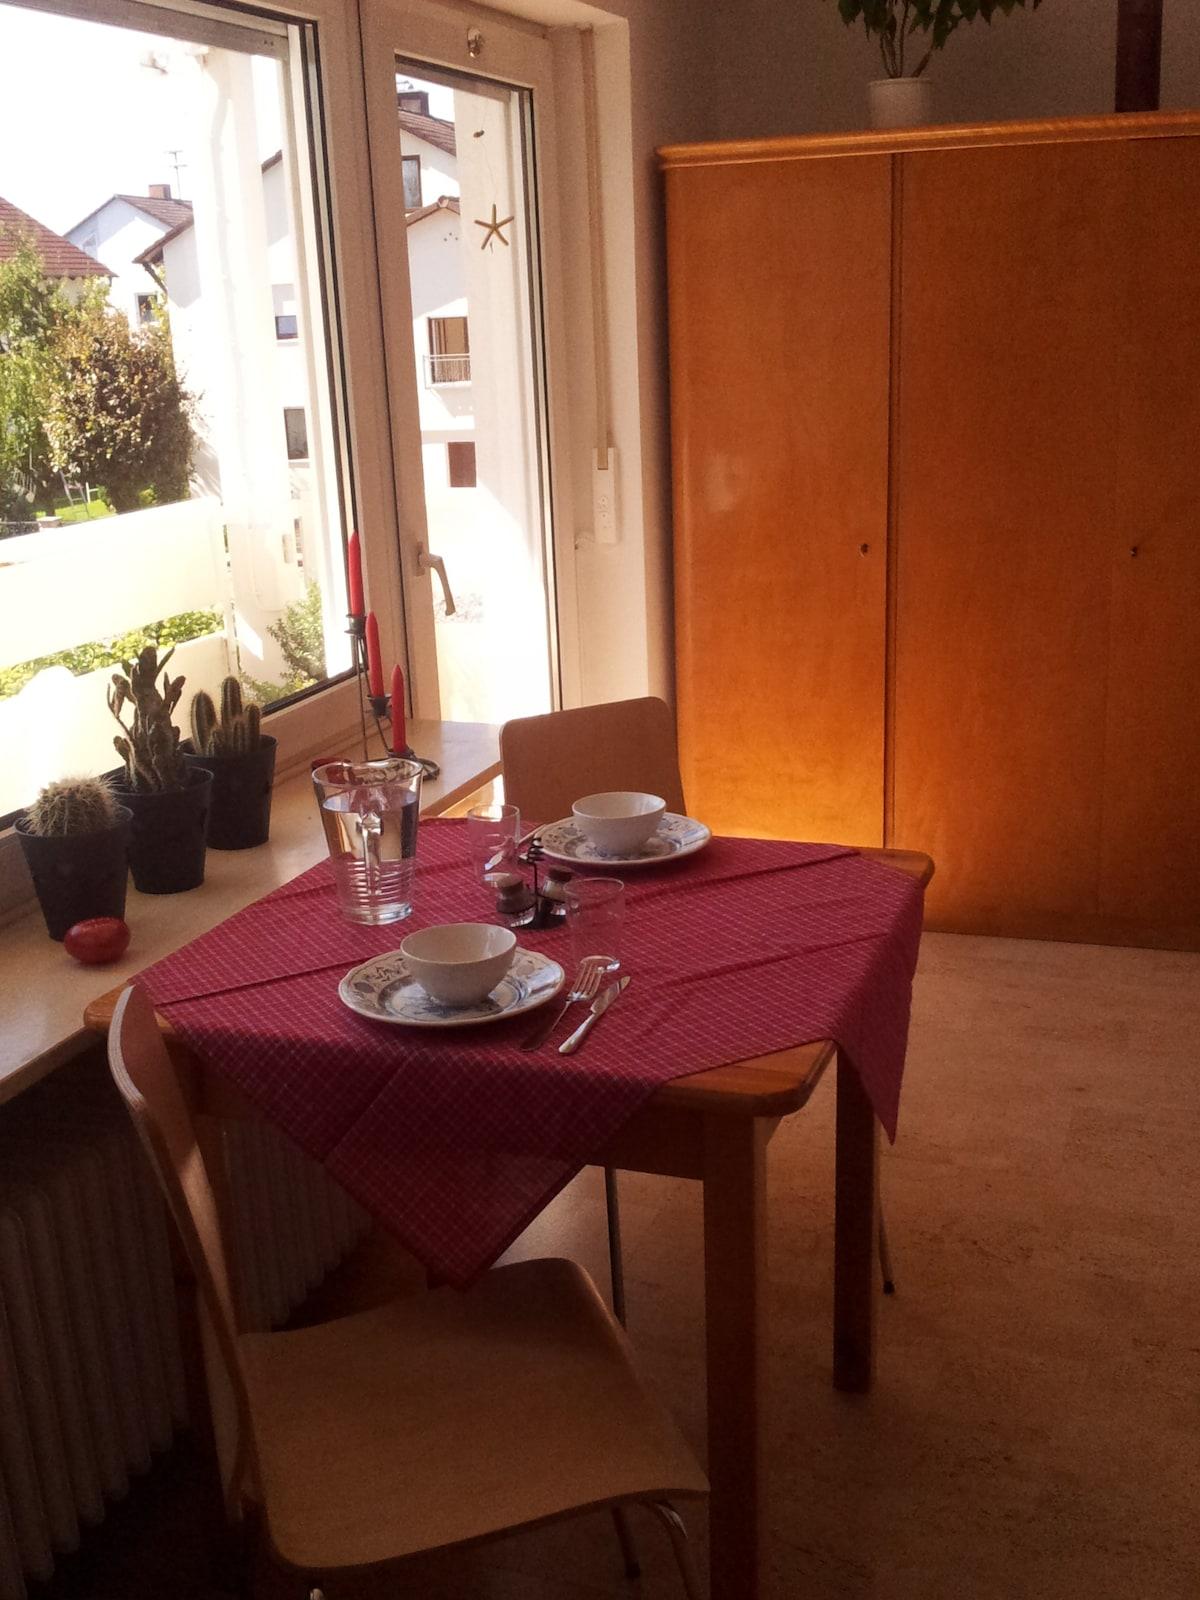 For breakfast, lunch, dinner.../Eßecke